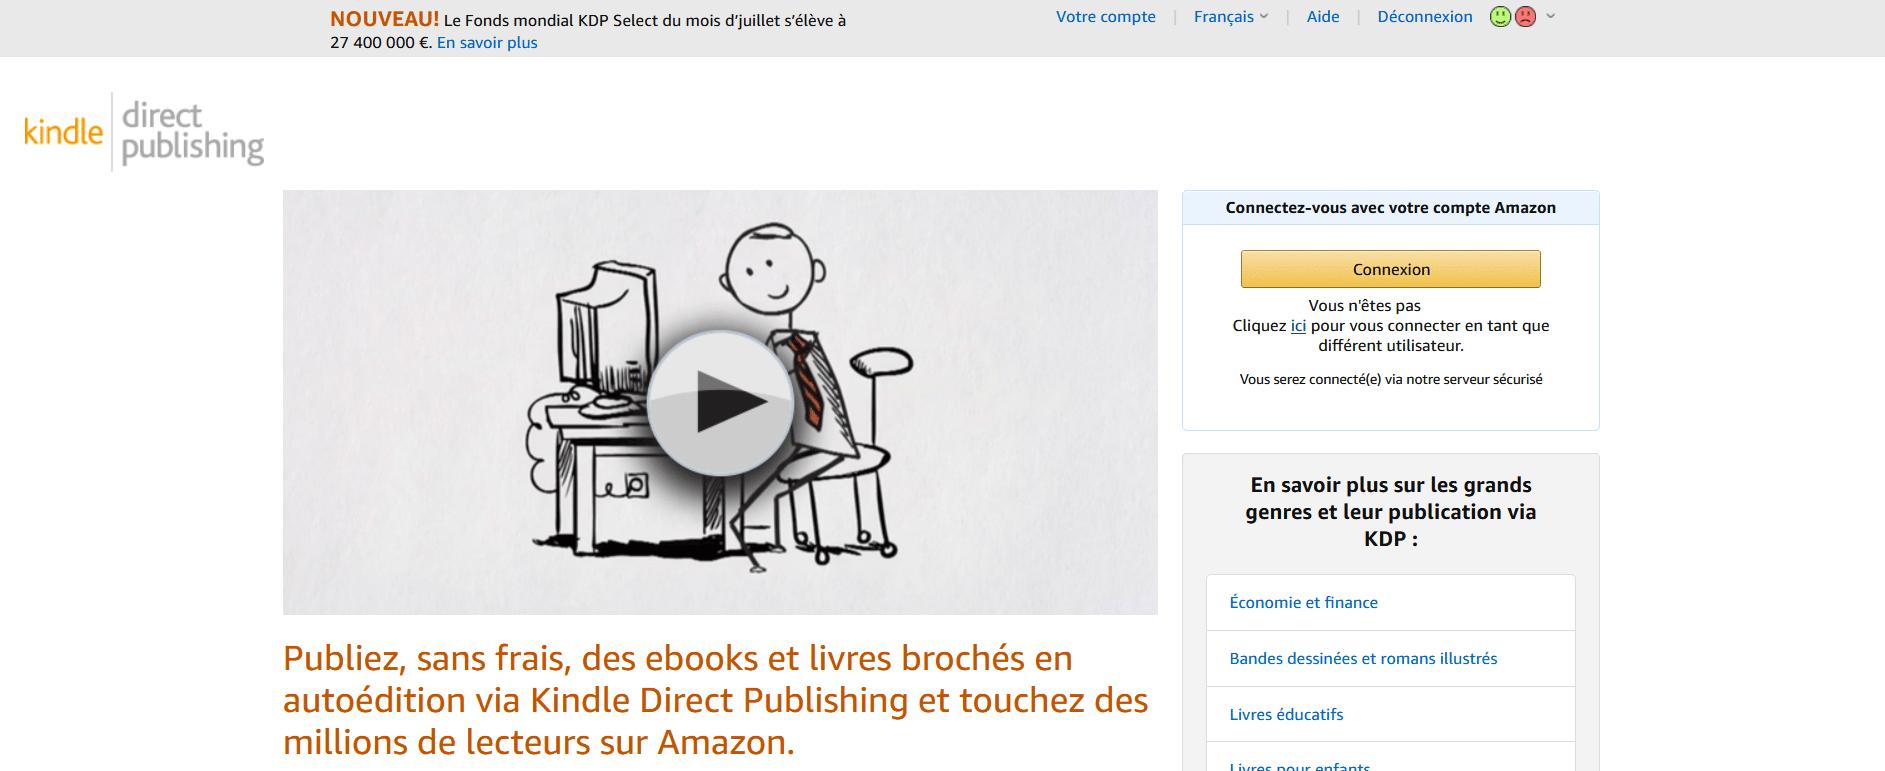 Gagner de l'argent sur Amazon avec Kindle Direct Publishing (KDP)